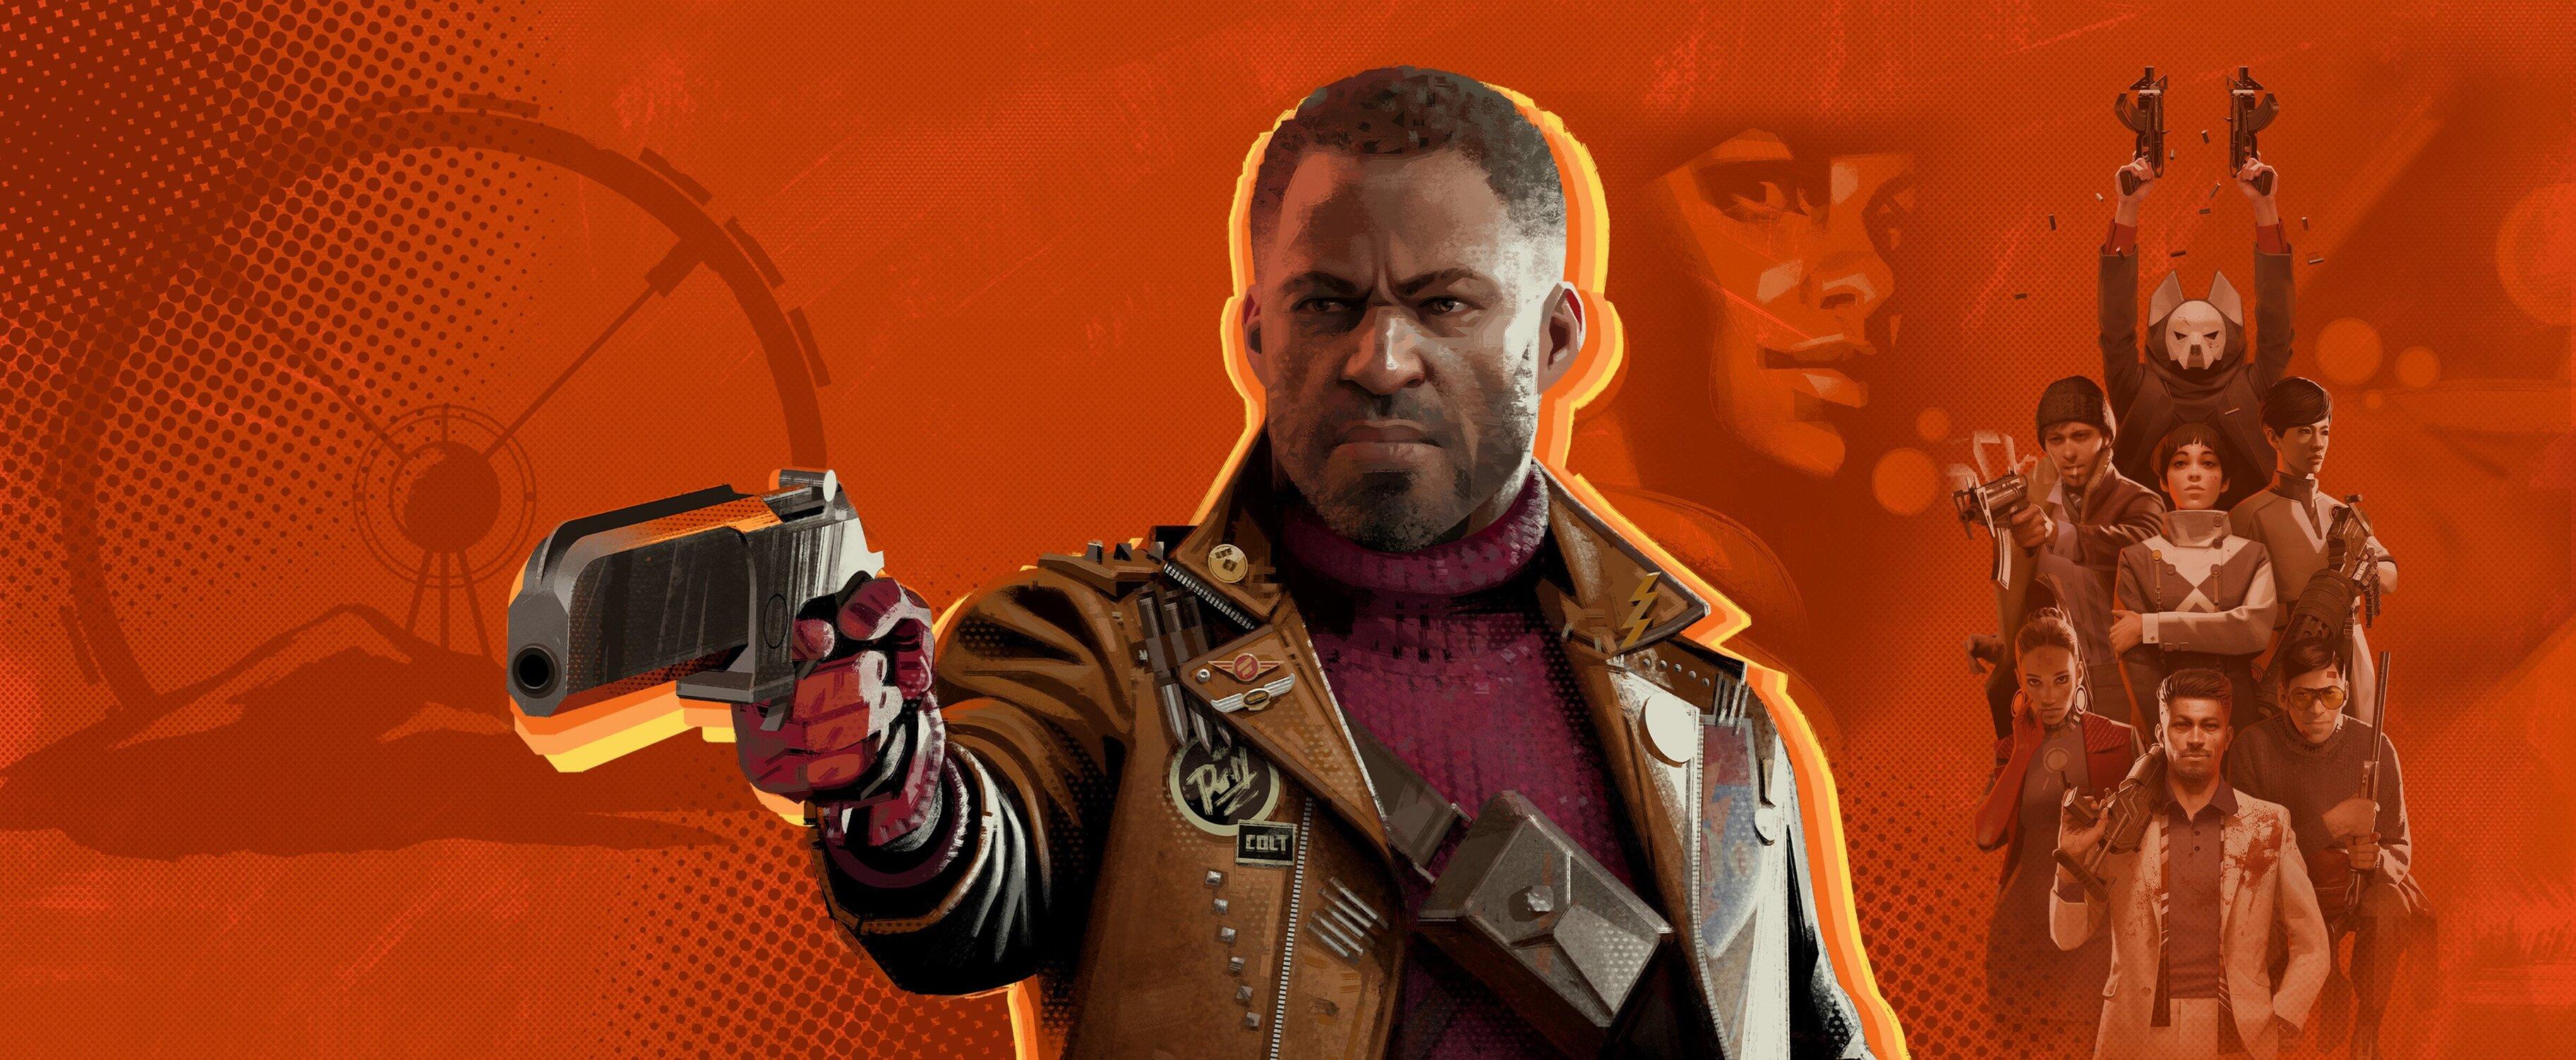 Временный эксклюзив PlayStation 5 перенесли на сентябрь накануне релиза